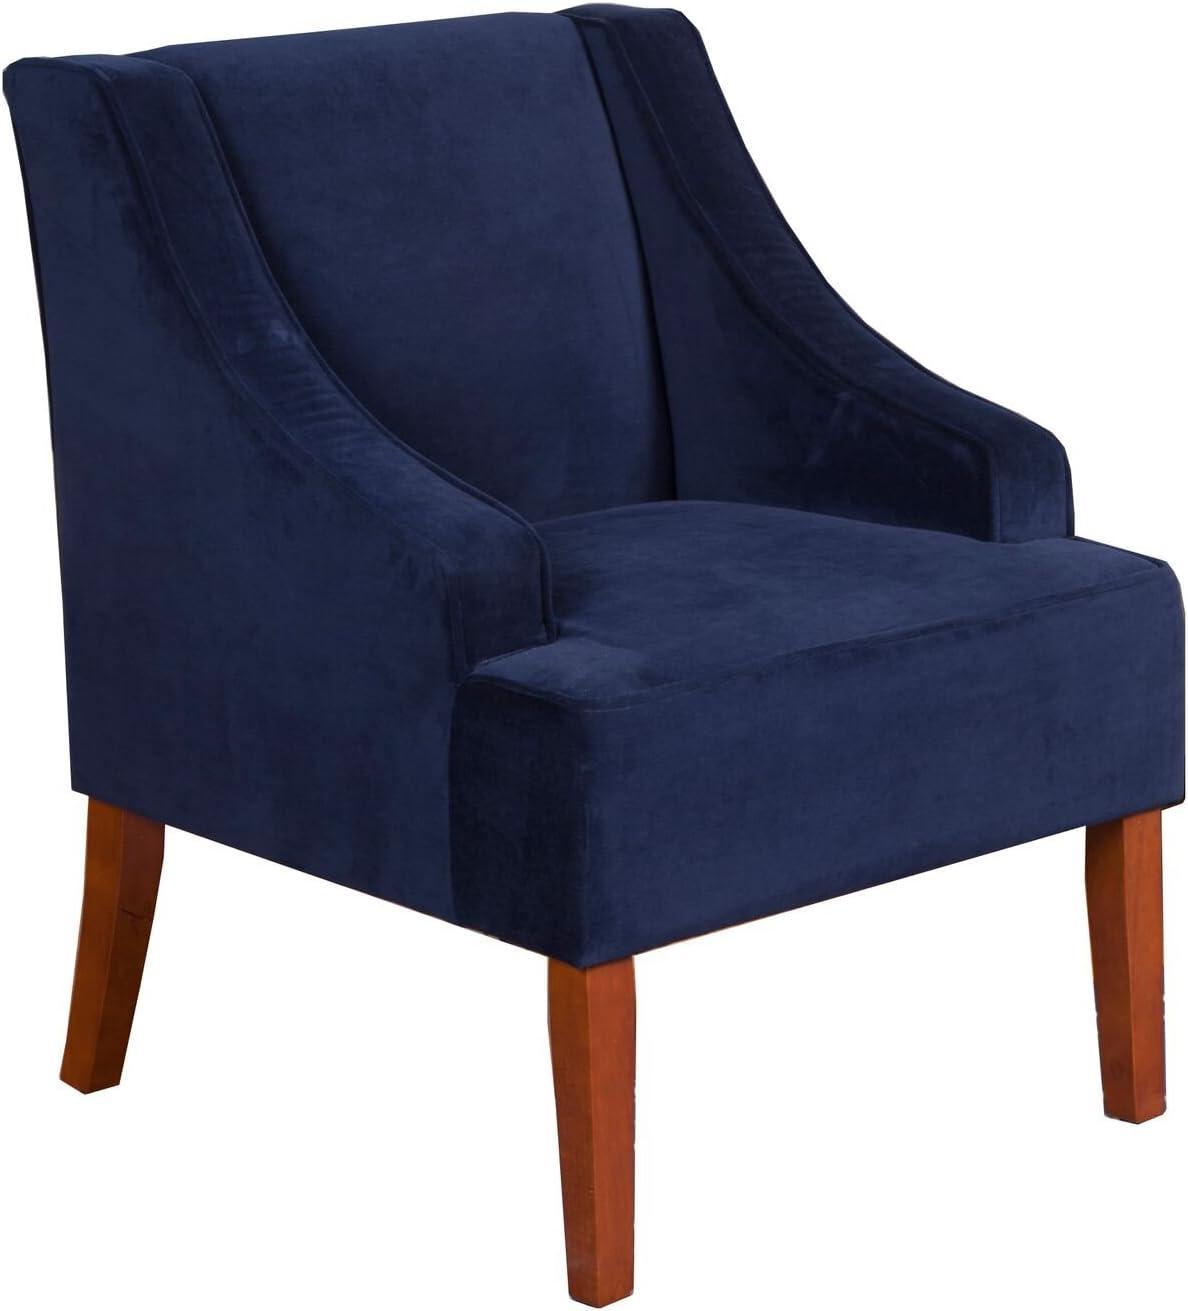 HomePop Velvet Swoop Arm Accent Chair, Navy: Furniture & Decor